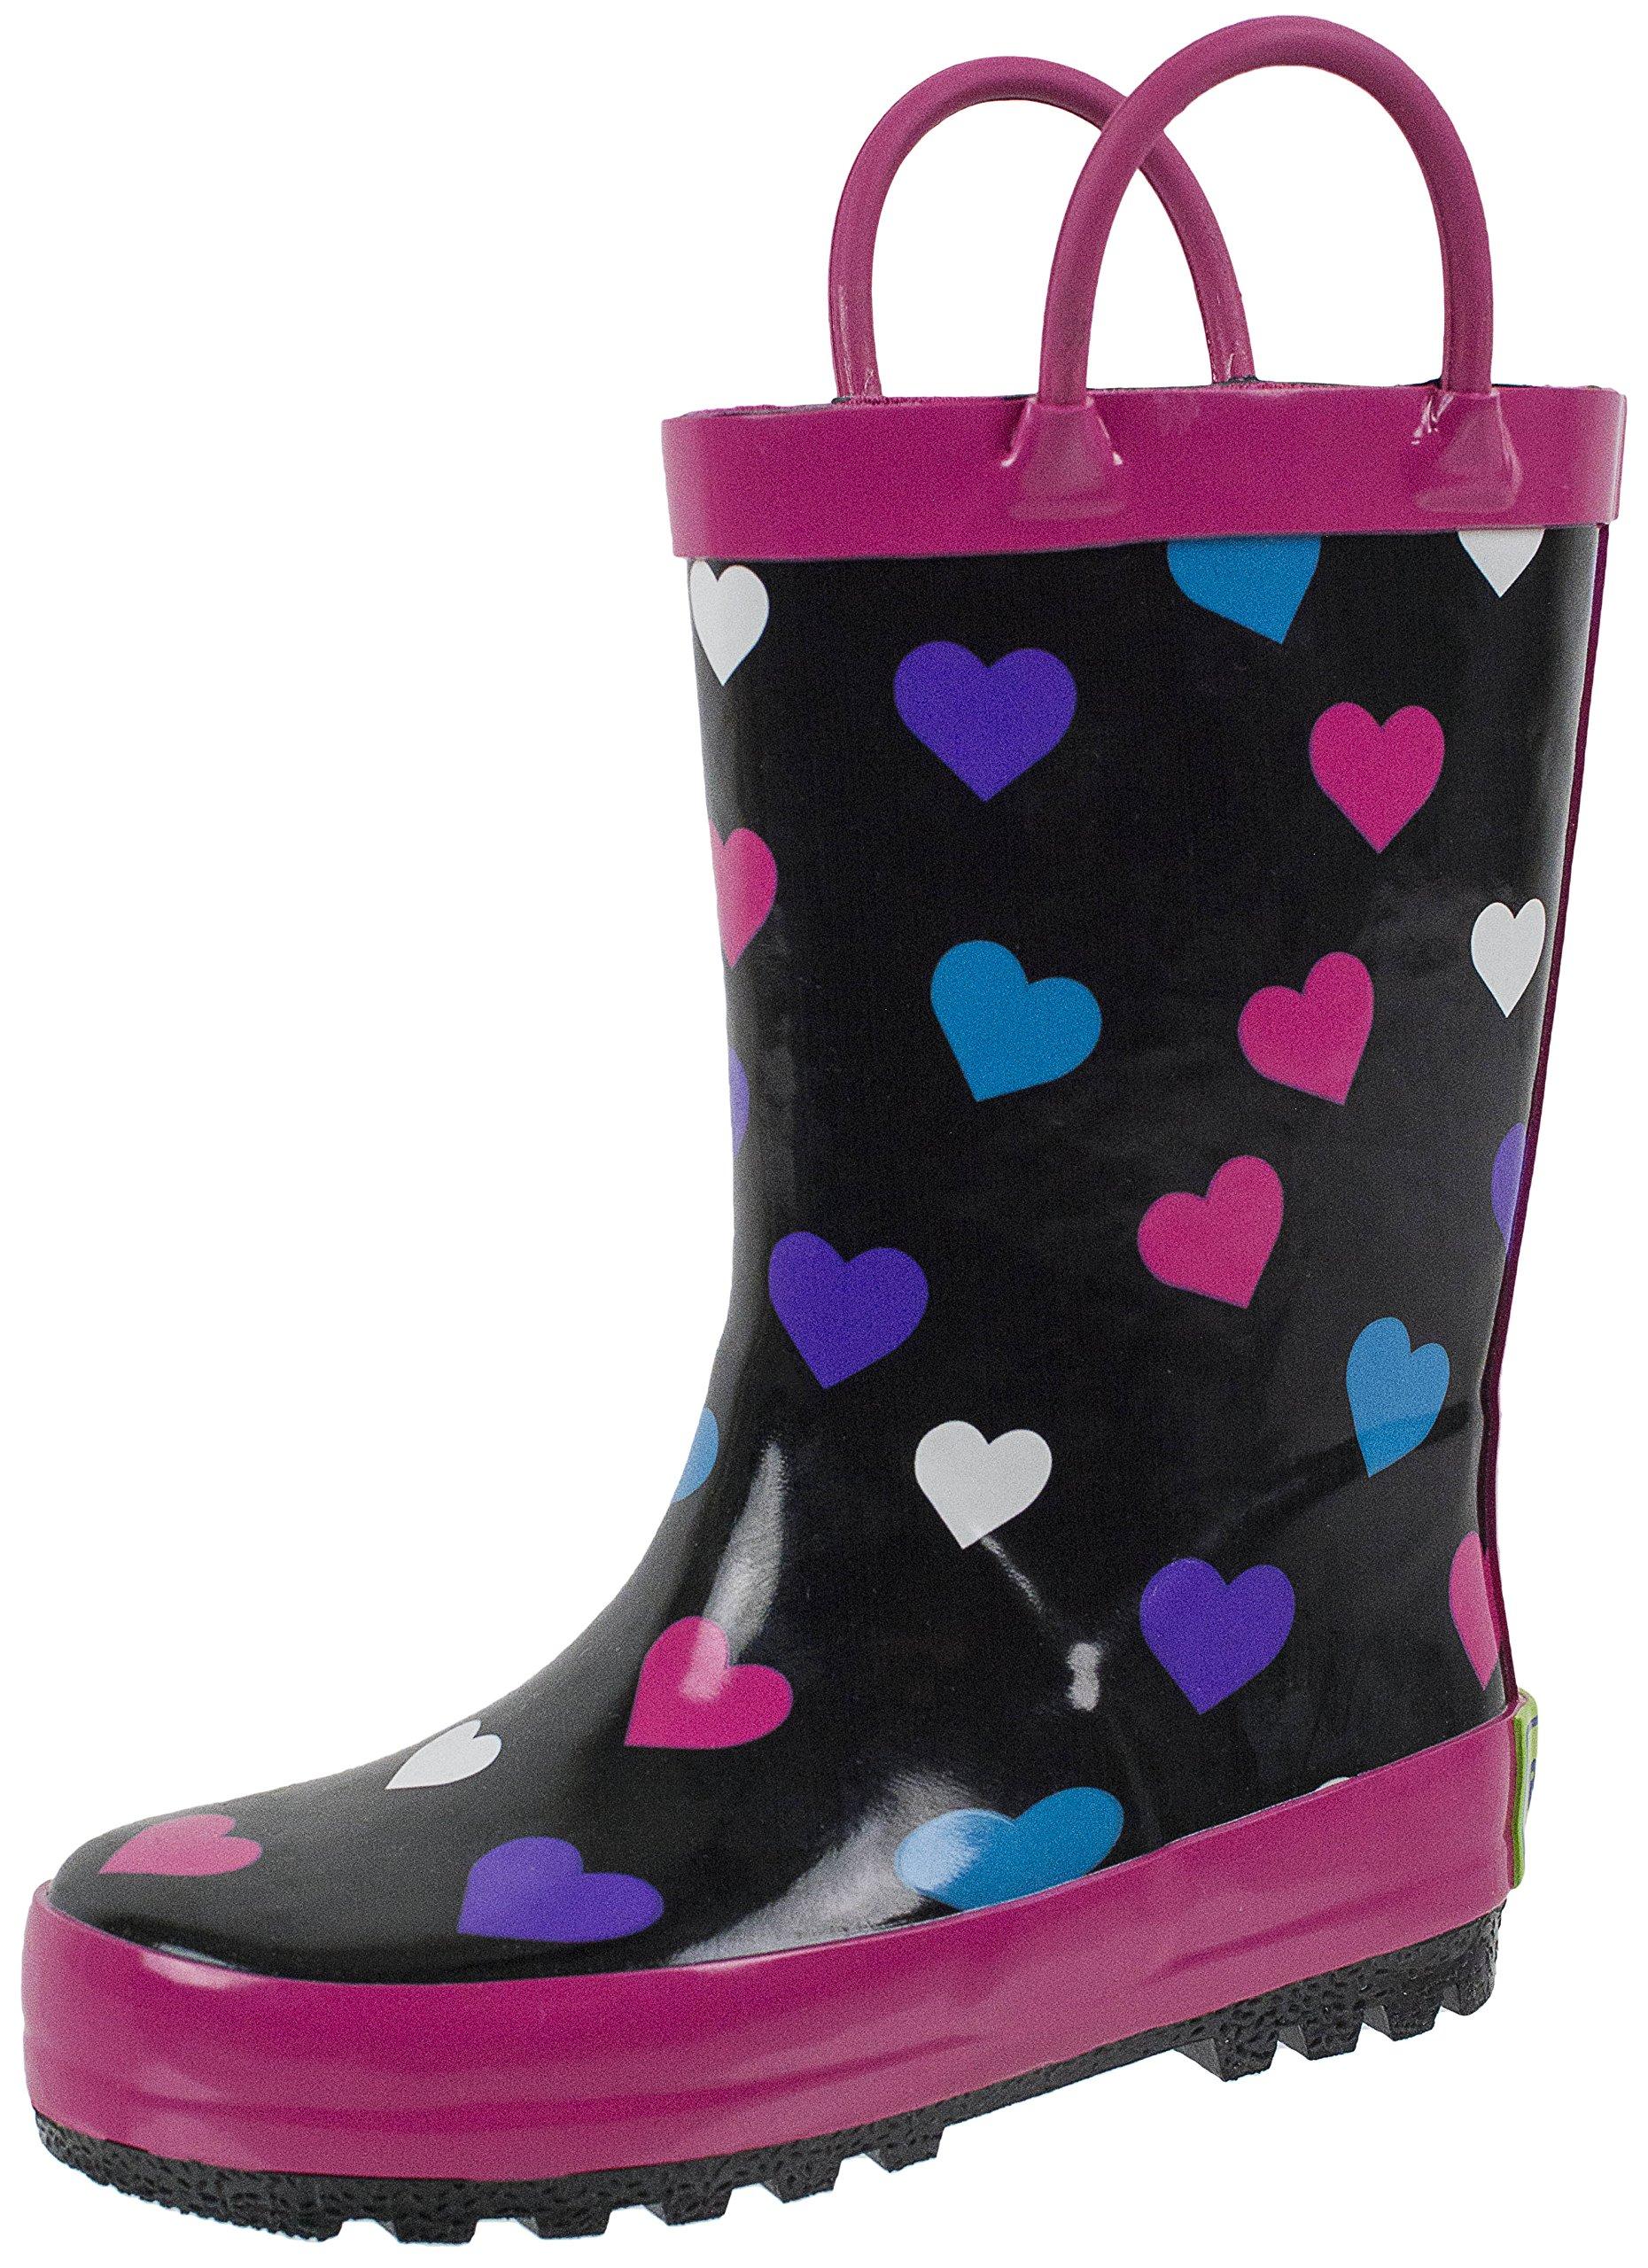 Rainbow Daze Kids Rain Boots Rainin' Hearts Heart Pattern, Waterproof, Rubber, Black Pink, Size 13/1